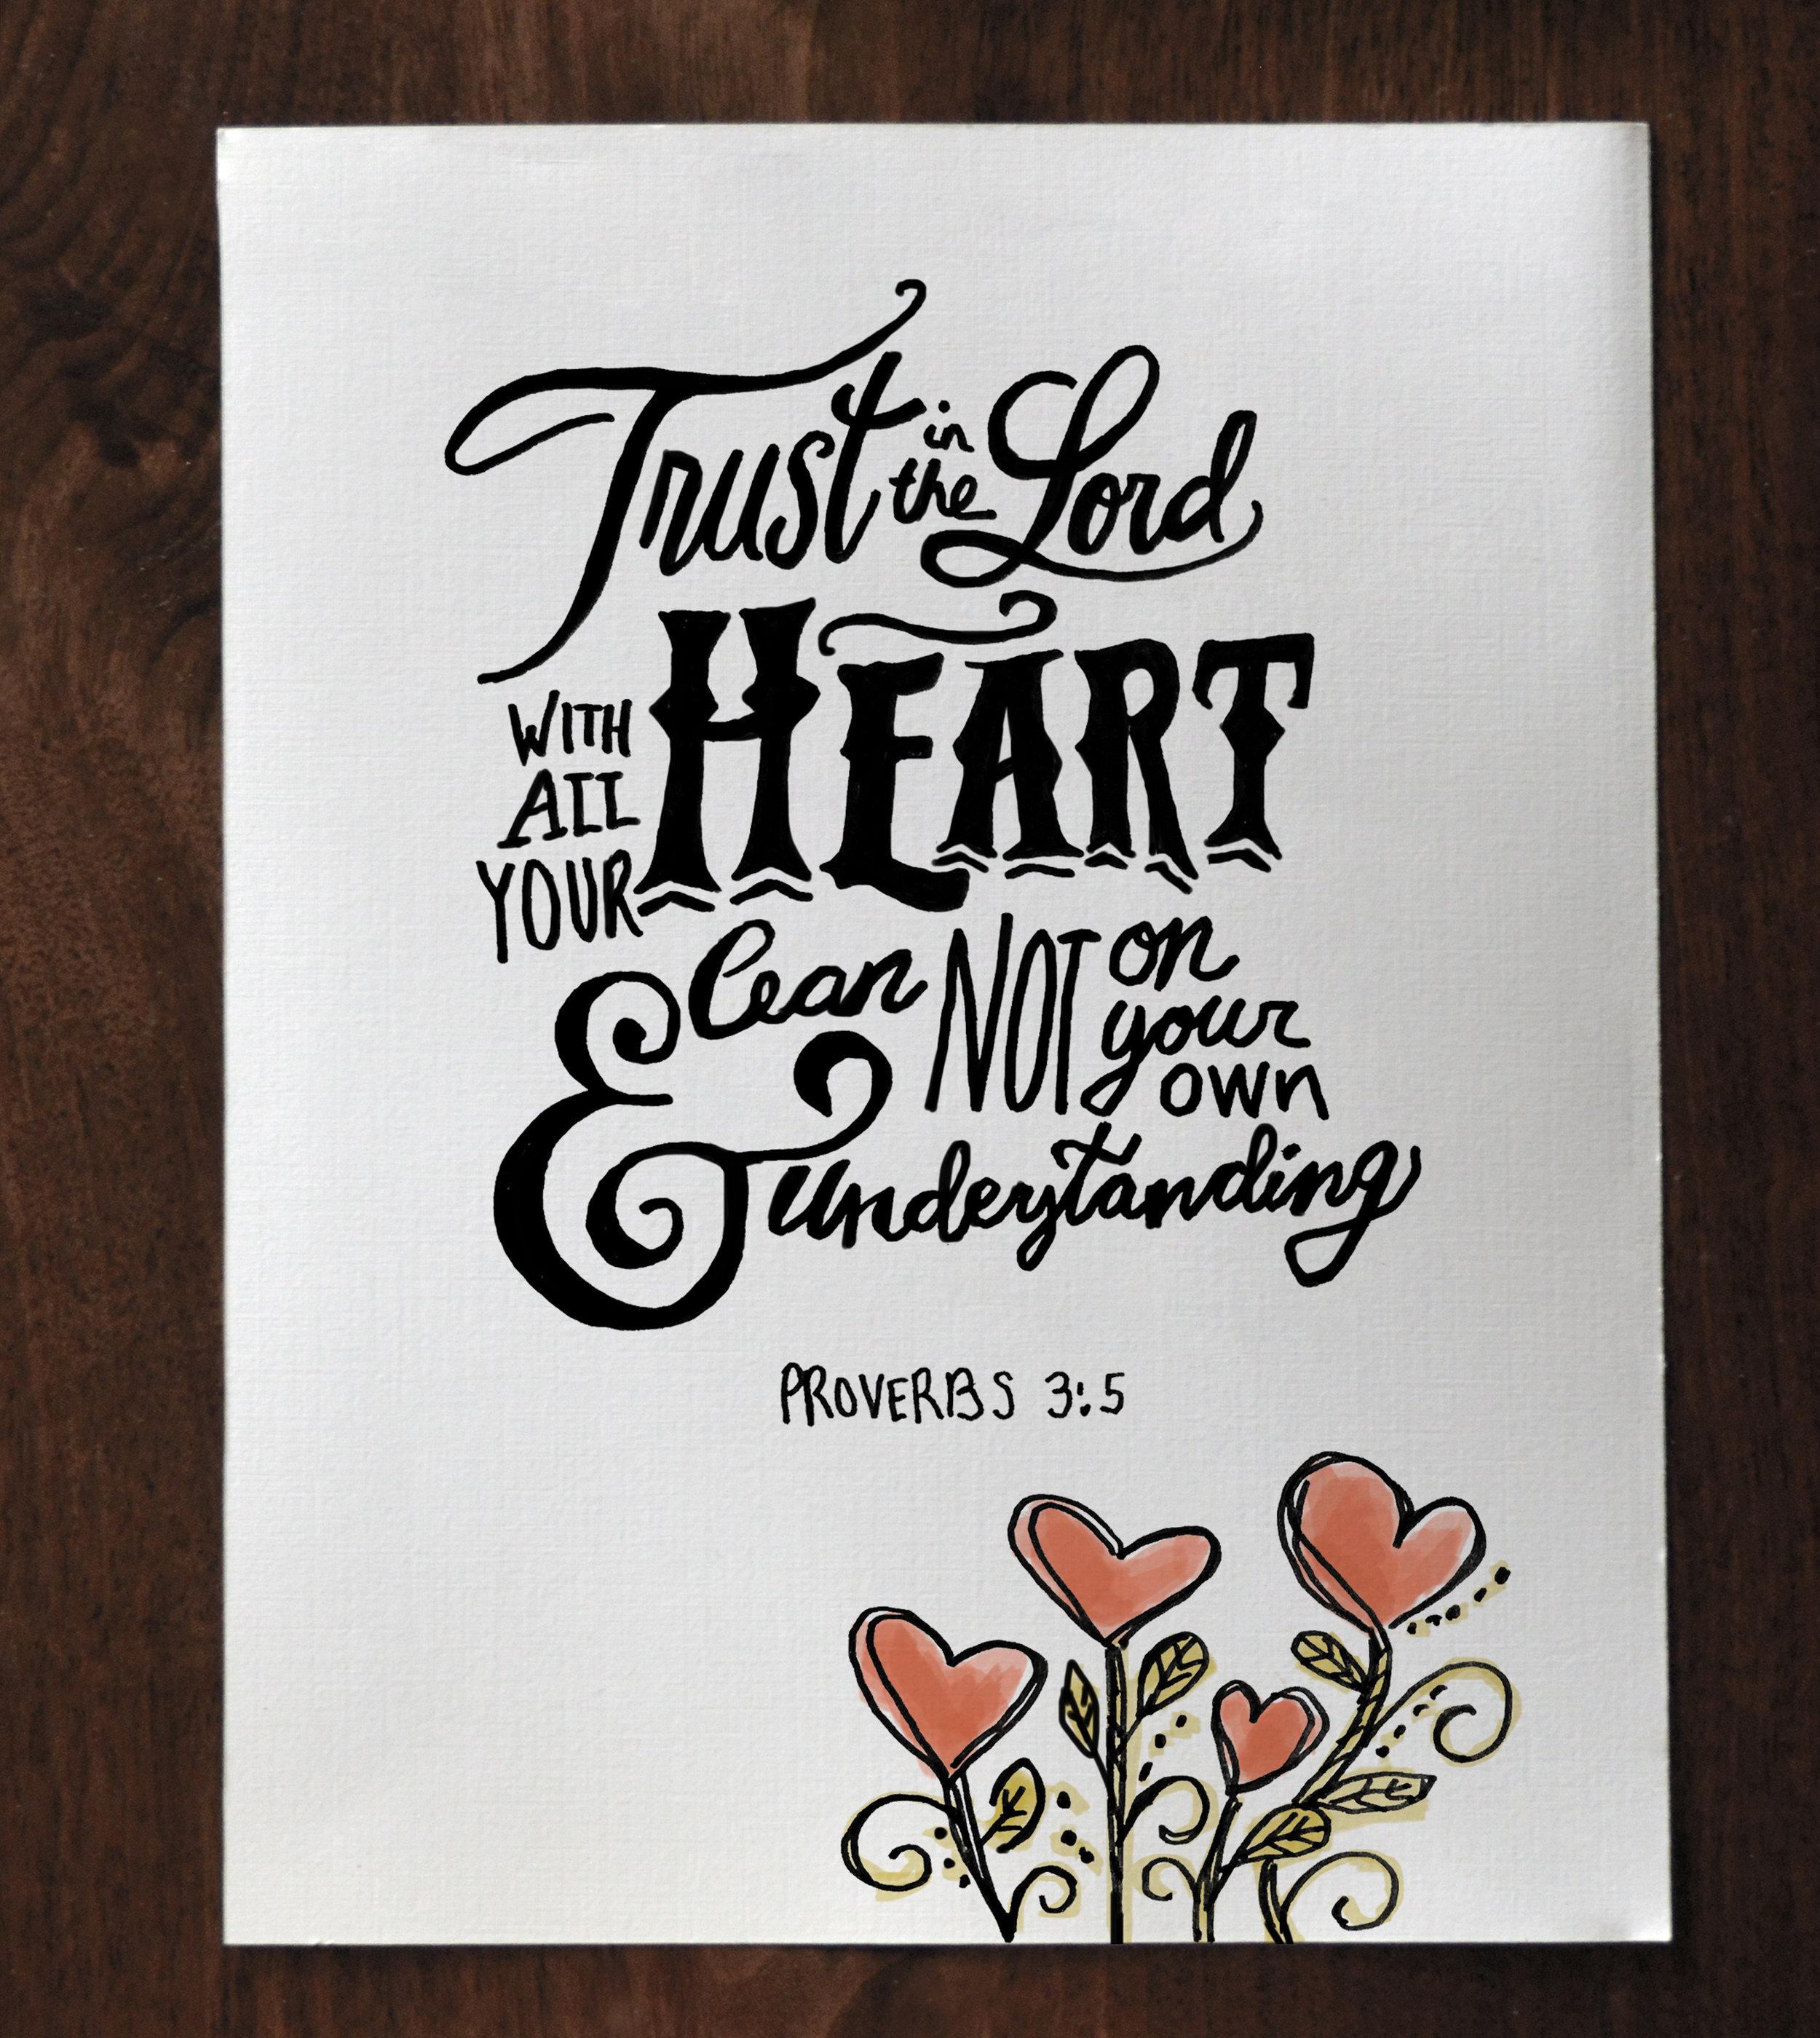 Proverbs_3-5.jpg